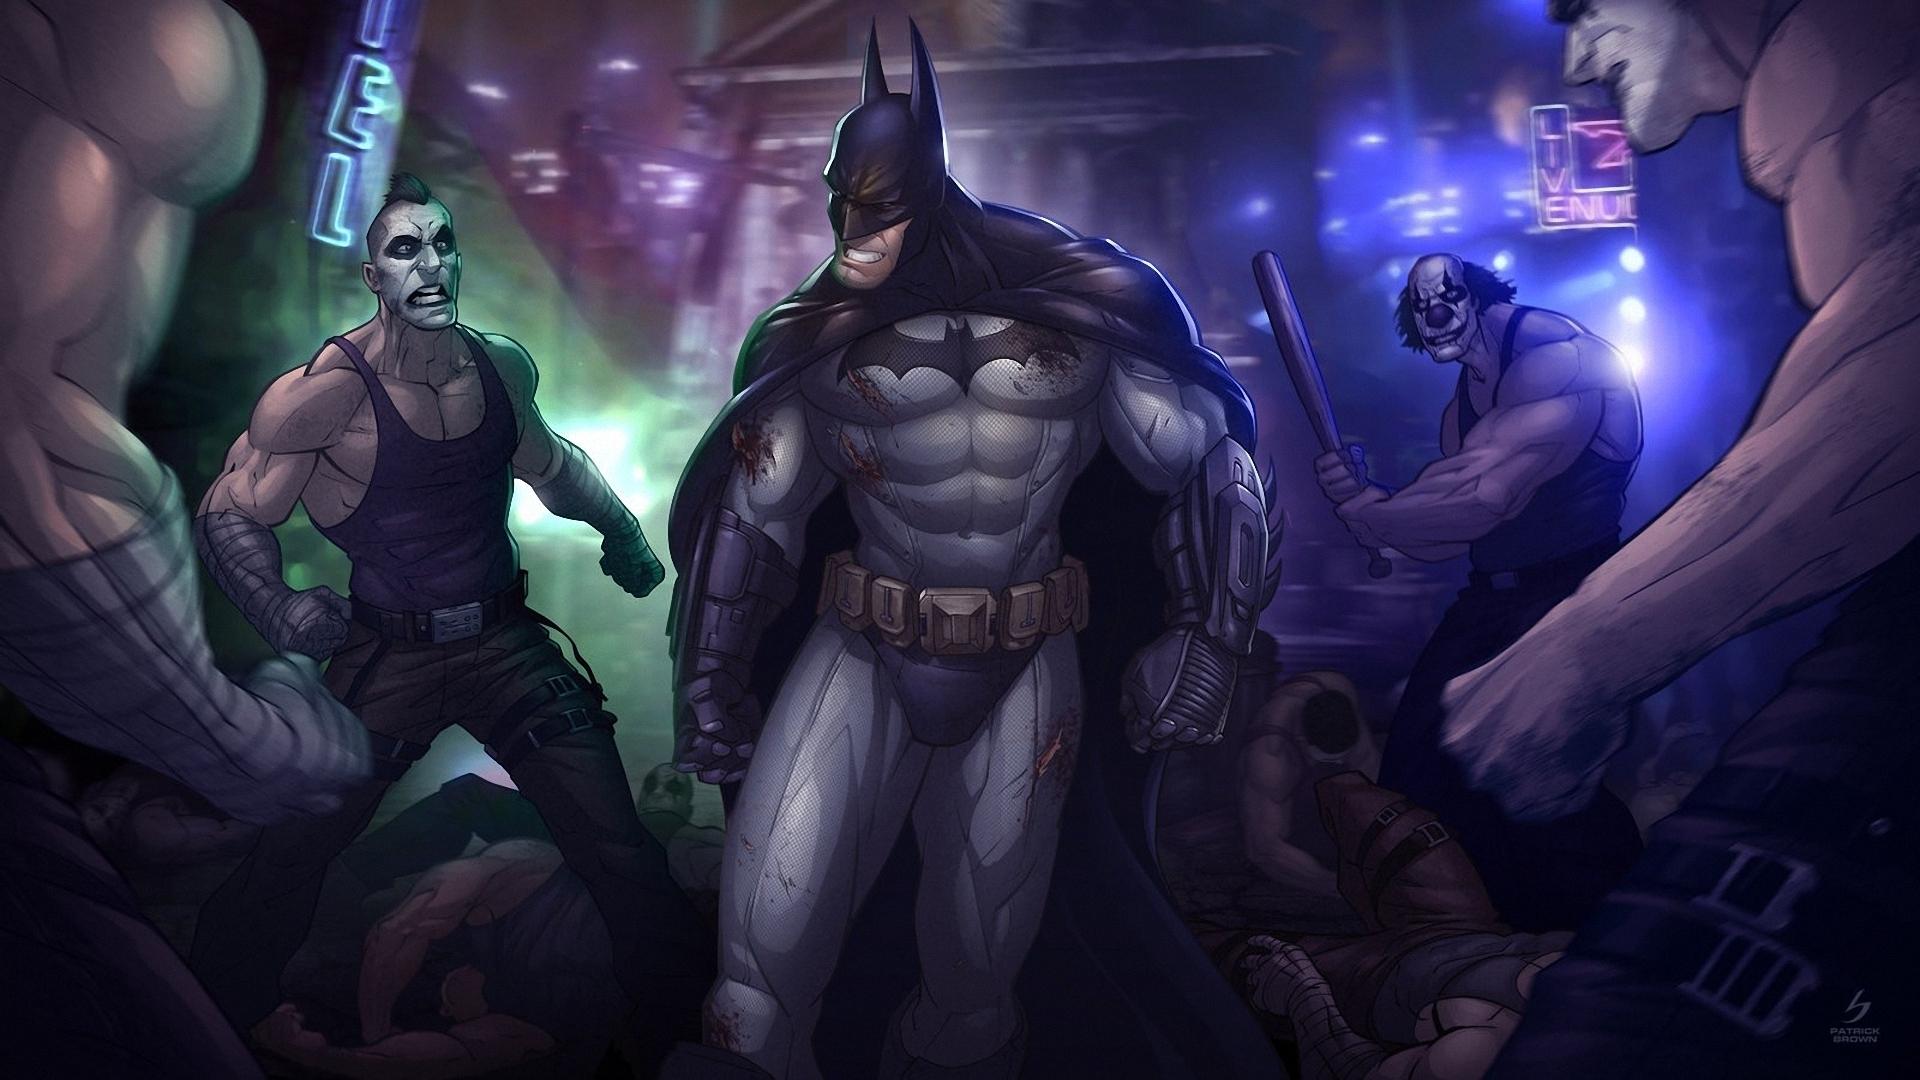 Batman Patrick Brown ART Darkness Screenshot Computer Wallpaper Fictional Character Arkham City